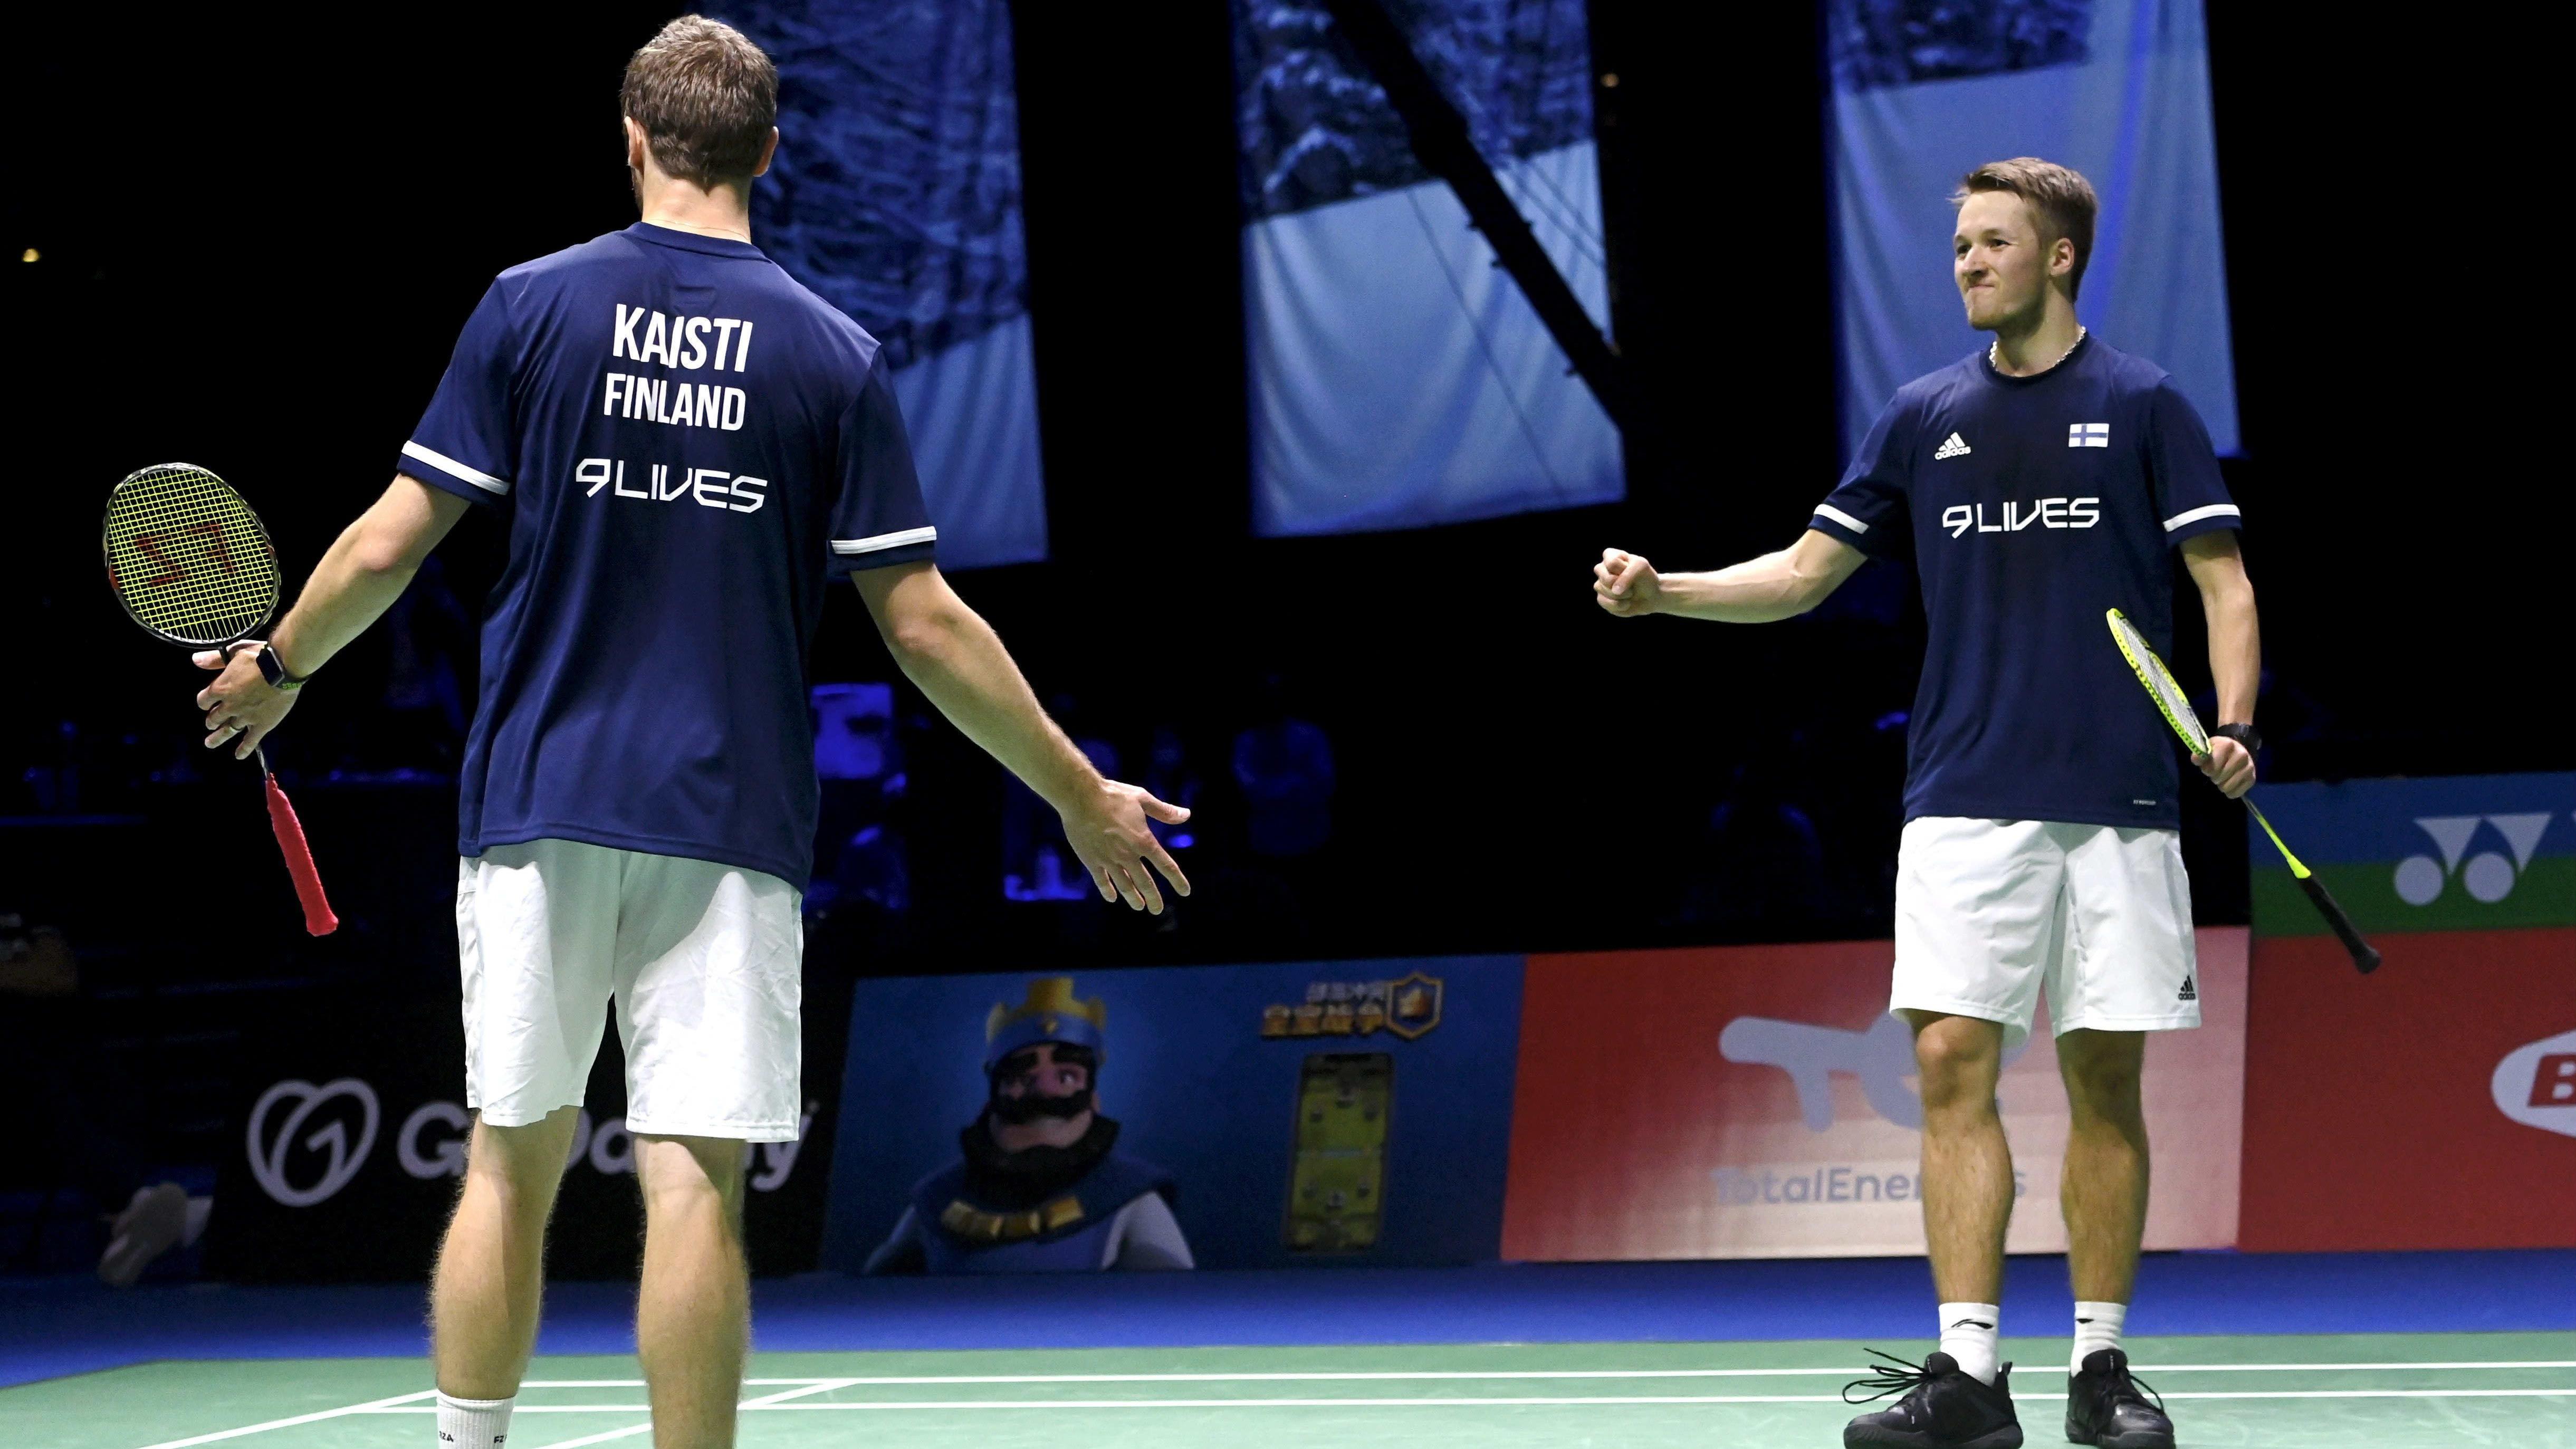 Anton Kaisti ja Jesper Paul tuulettavat voittoa.